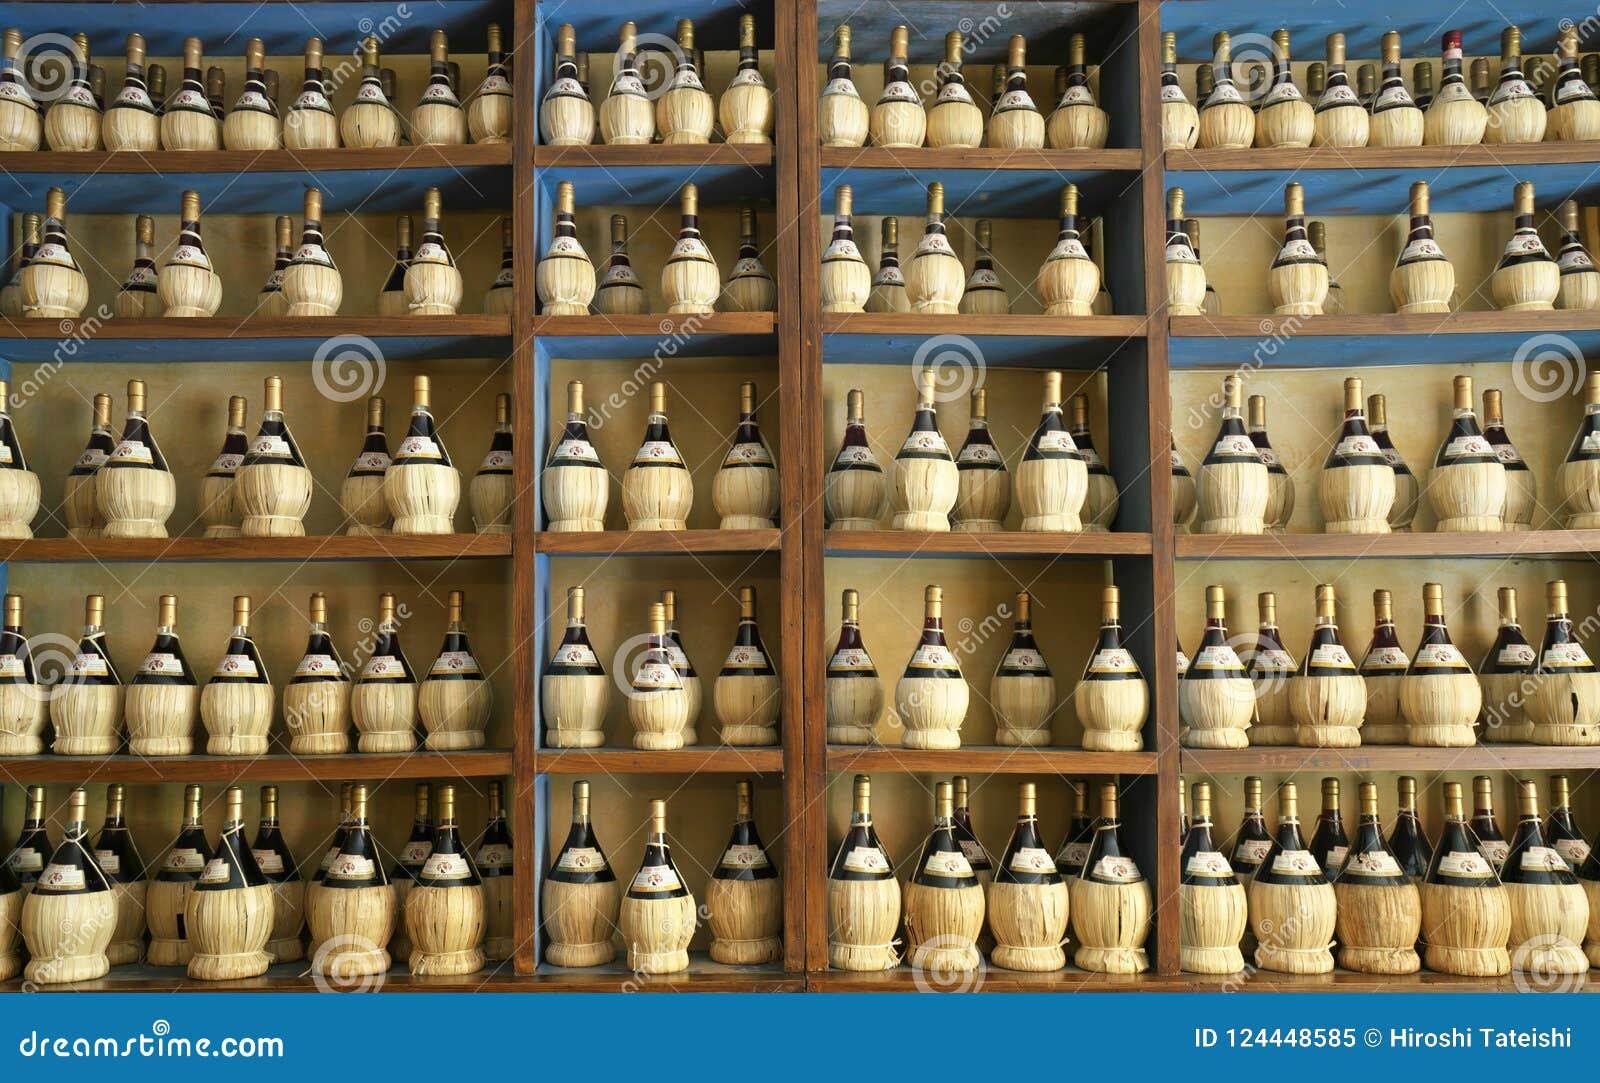 Ιταλικά μπουκάλια κρασιού σε ένα ράφι